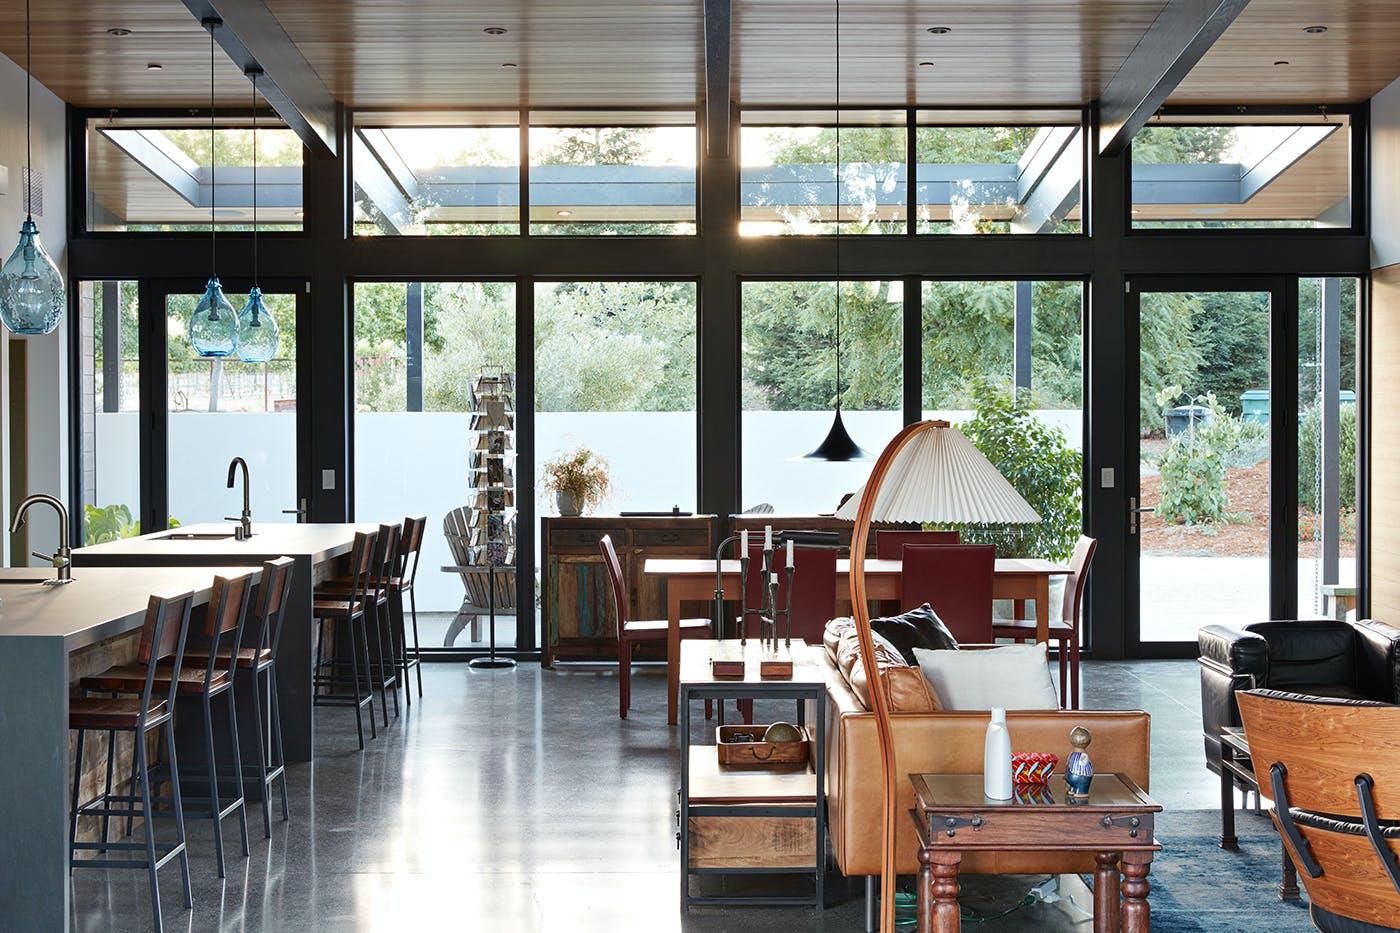 Sacramento modern residence by klopf architecture klopf for Architecture firms sacramento